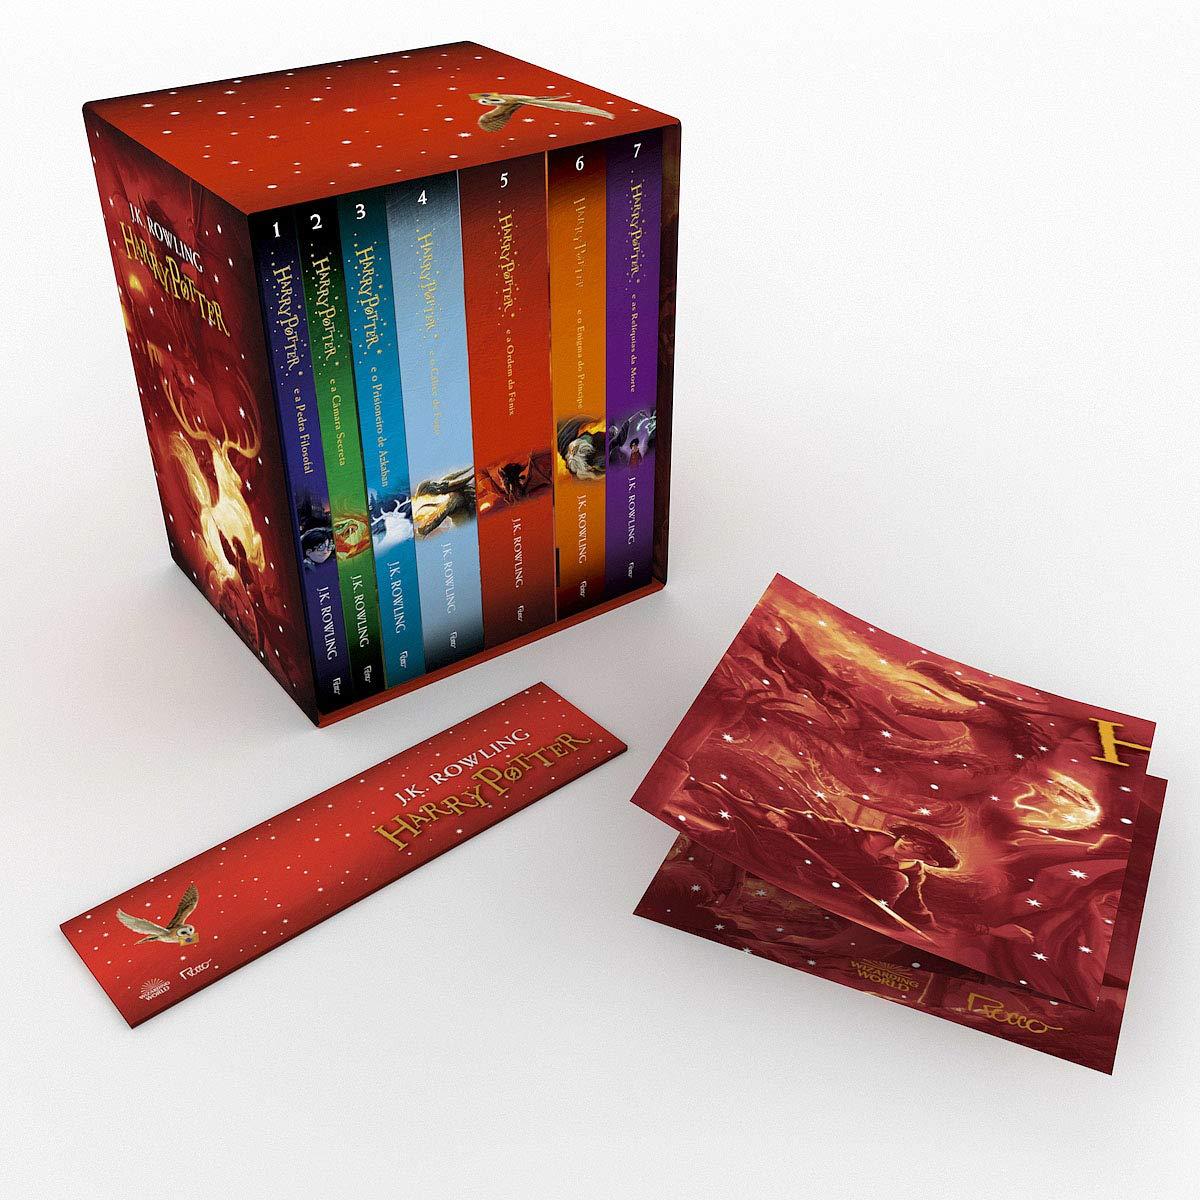 Caixa Harry Potter – Edição Premium + Pôster Exclusivo Capa comum – Conjunto de caixa, 20 junho 2017